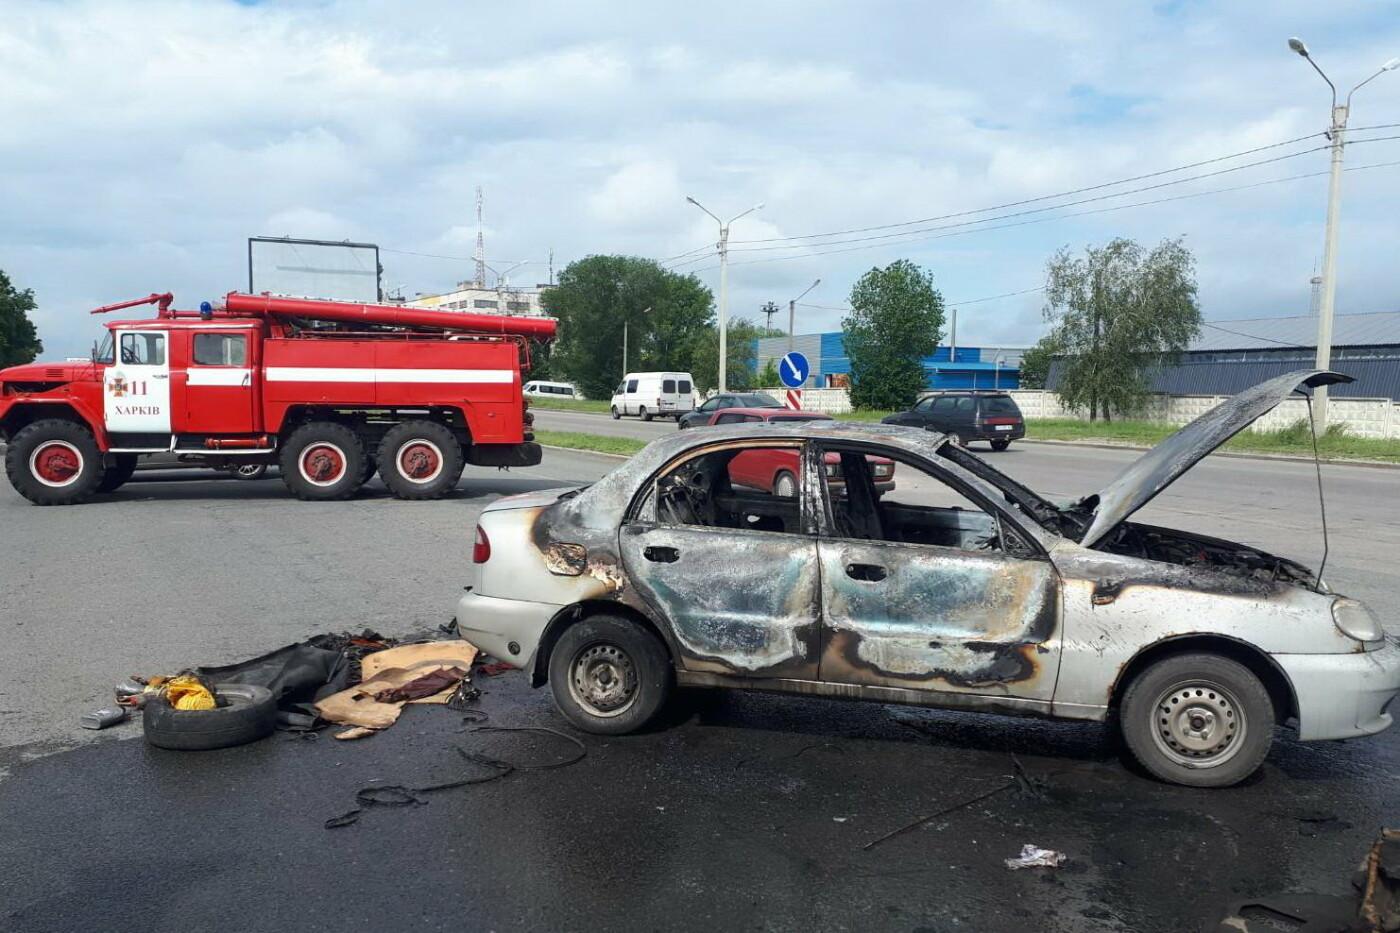 В Харькове во время движения загорелся легковой автомобиль: водитель получил ожоги, - ФОТО, фото-2